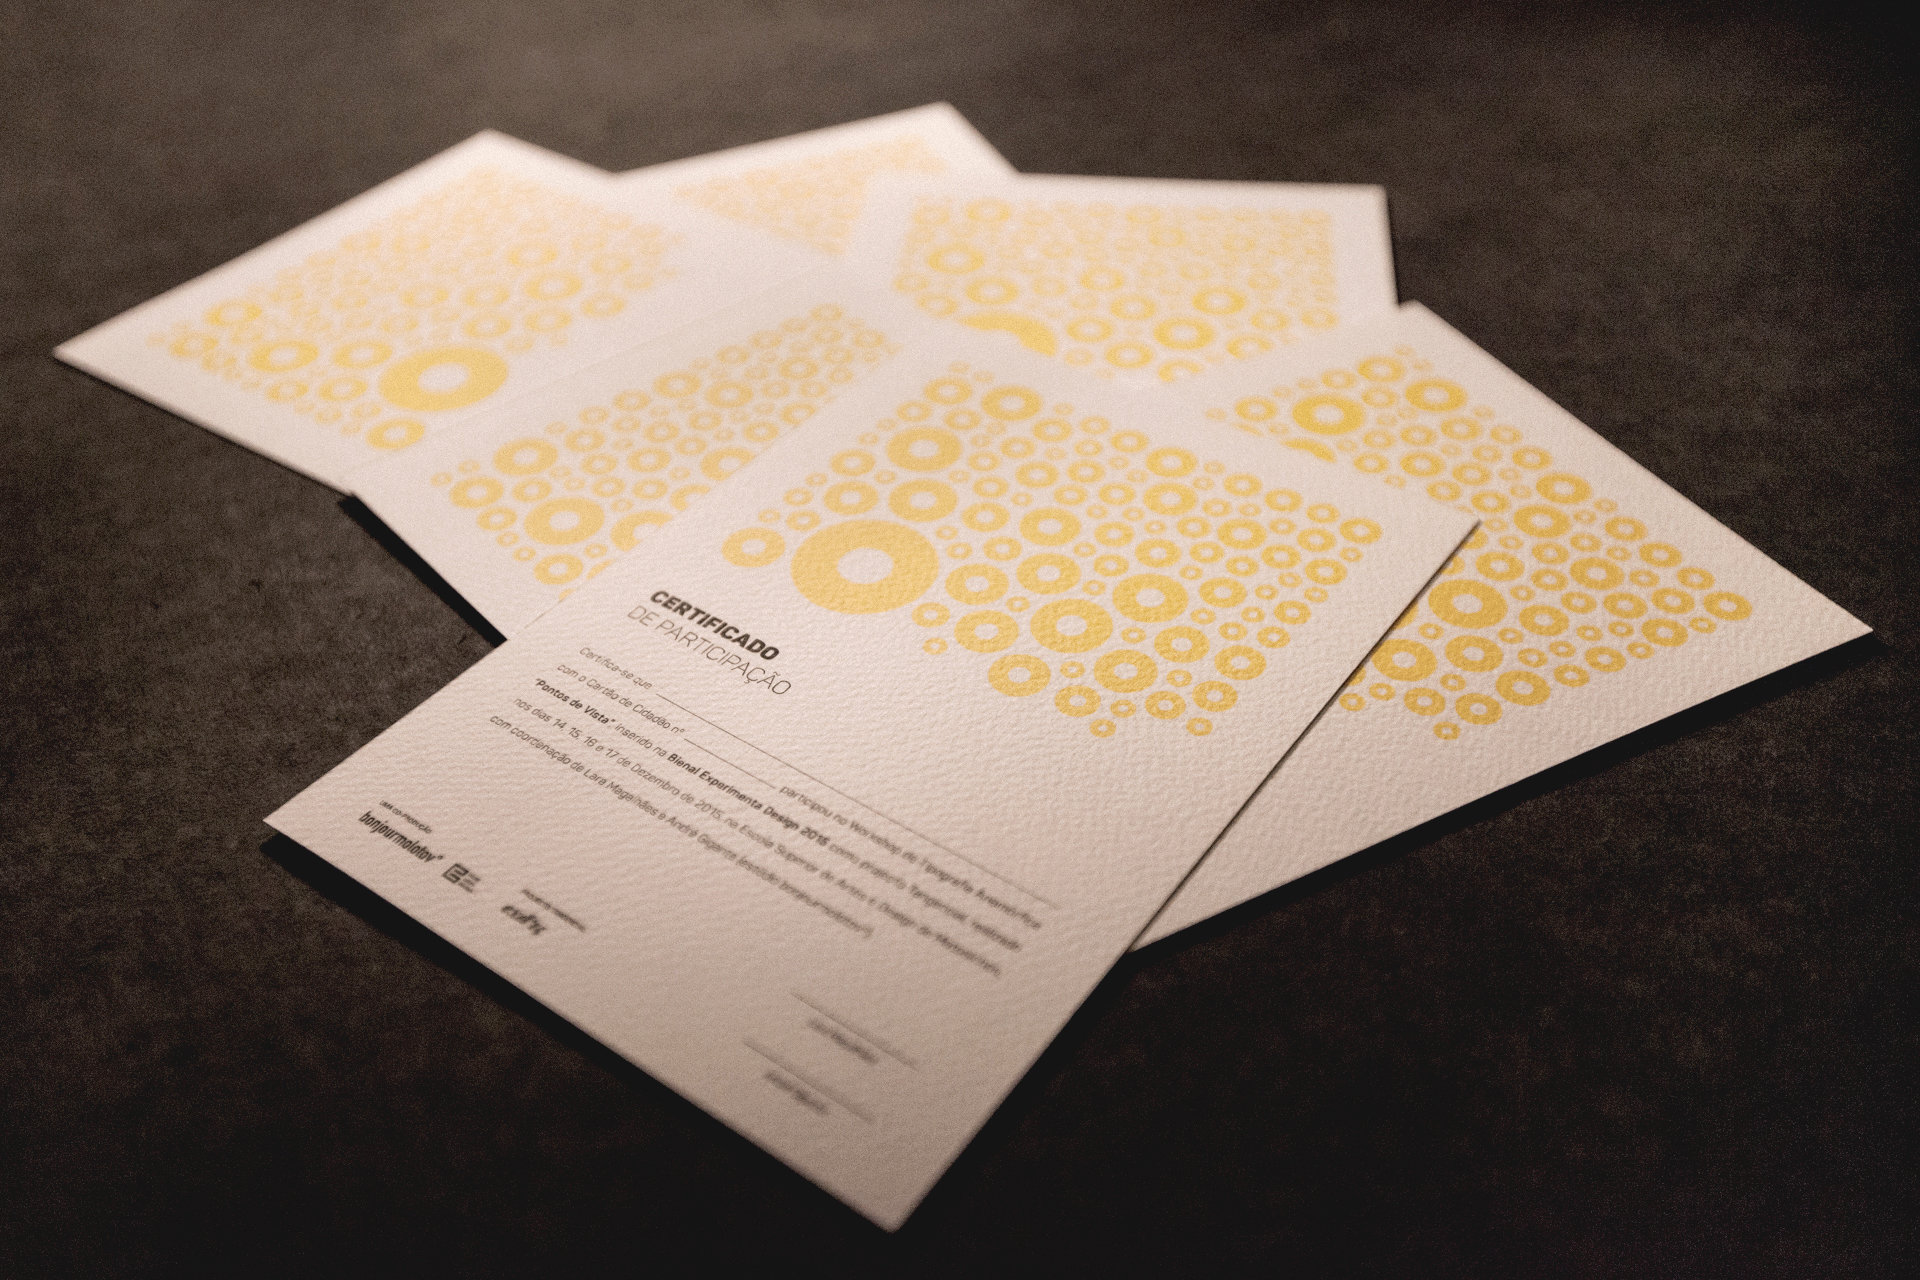 bonjourmolotov certificado workshop pontos de vista EXD15 tangenciais ESAD Matosinhos tipografia anamórfica 01 N.jpg